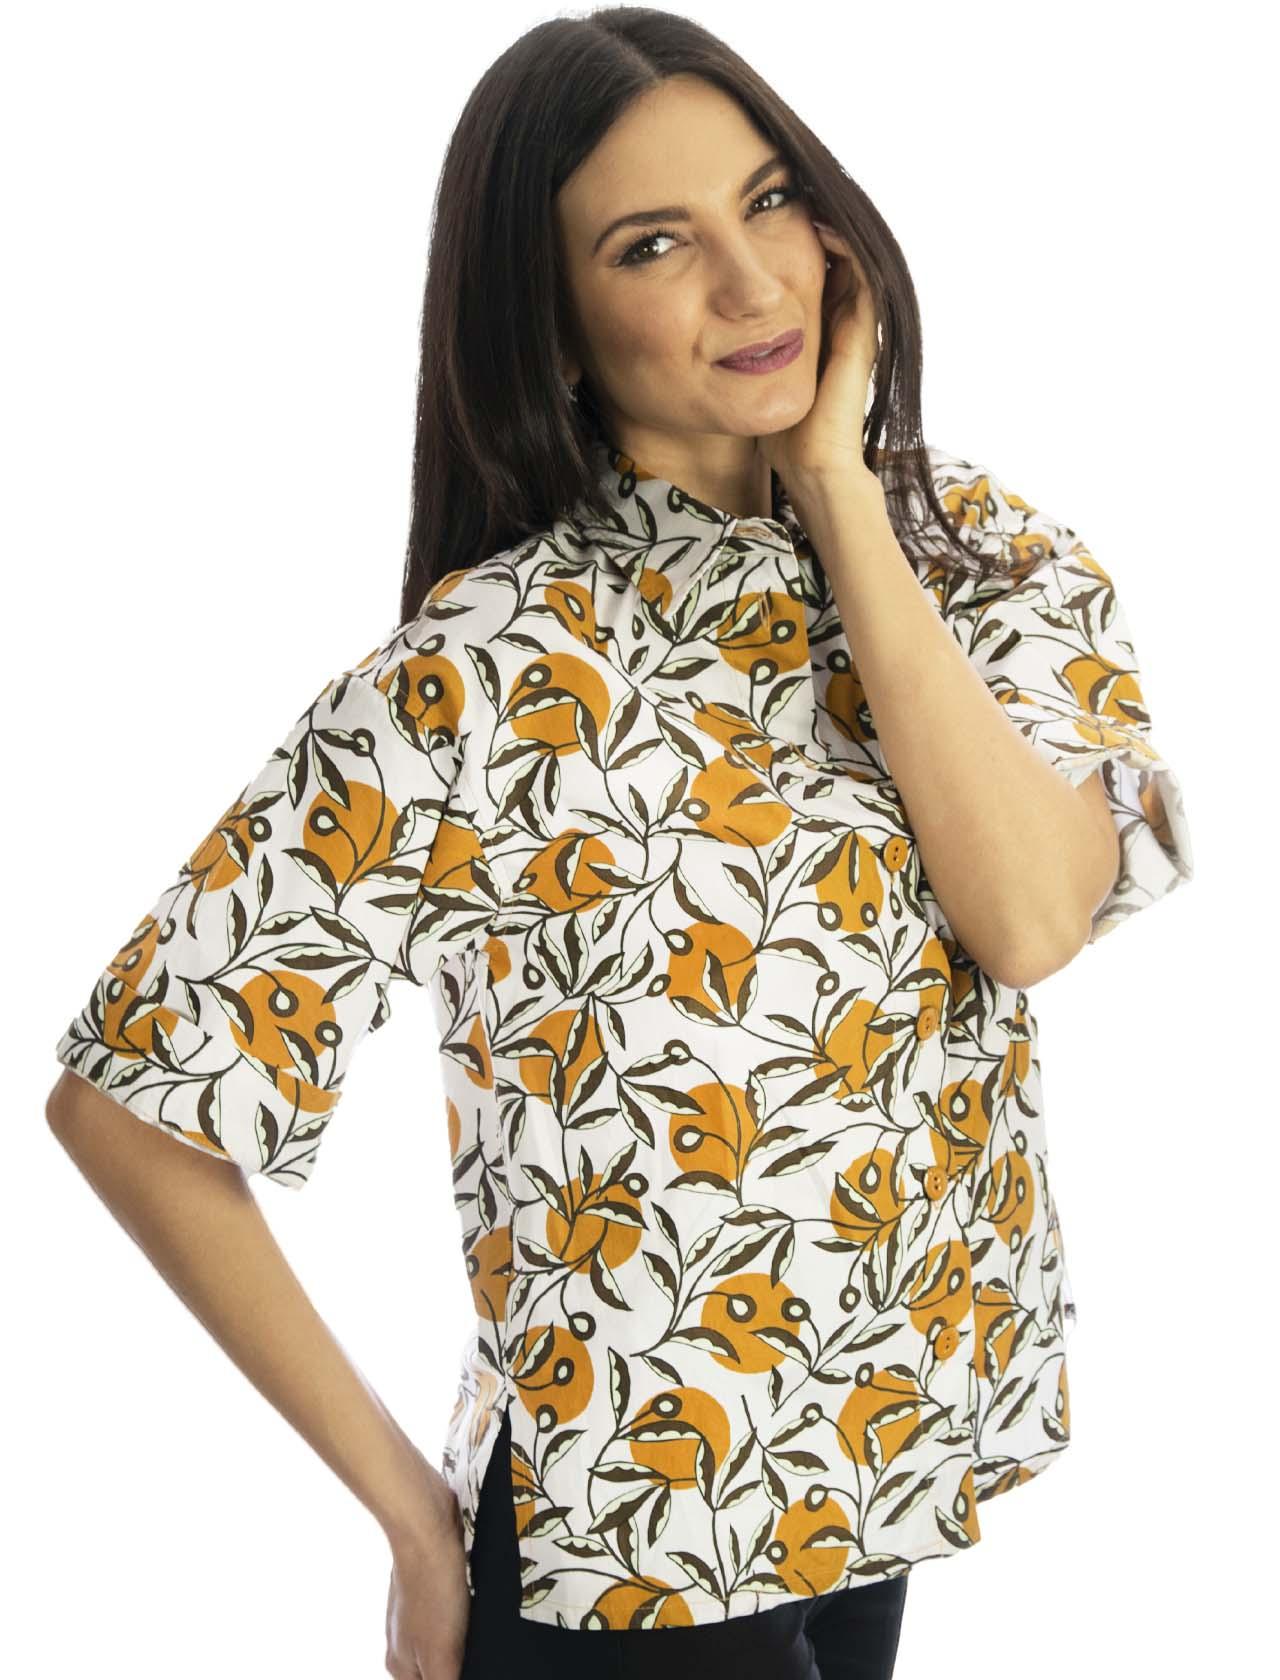 Abbigliamento Donna Camicia in Cotone Popeline Dotty Ramage Mezza Manica Naturale e Ocra Maliparmi | Camicie e Top | JM452810138B1105